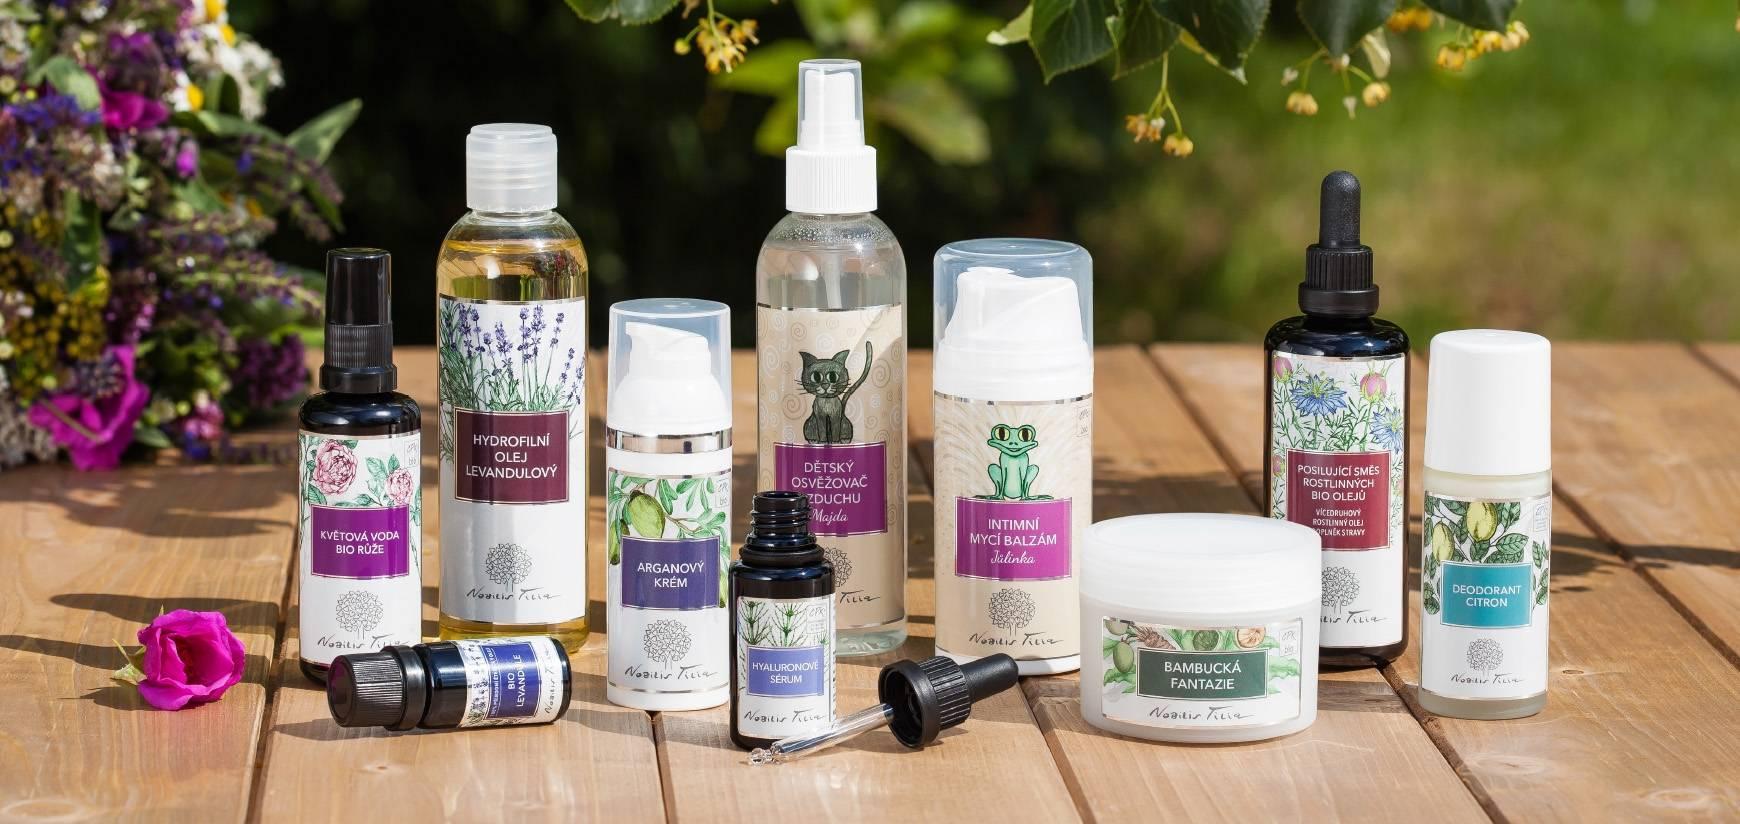 Certifikovaná kosmetika: záruka kvality a přírodního původu - přírodní kosmetika Nobilis Tilia